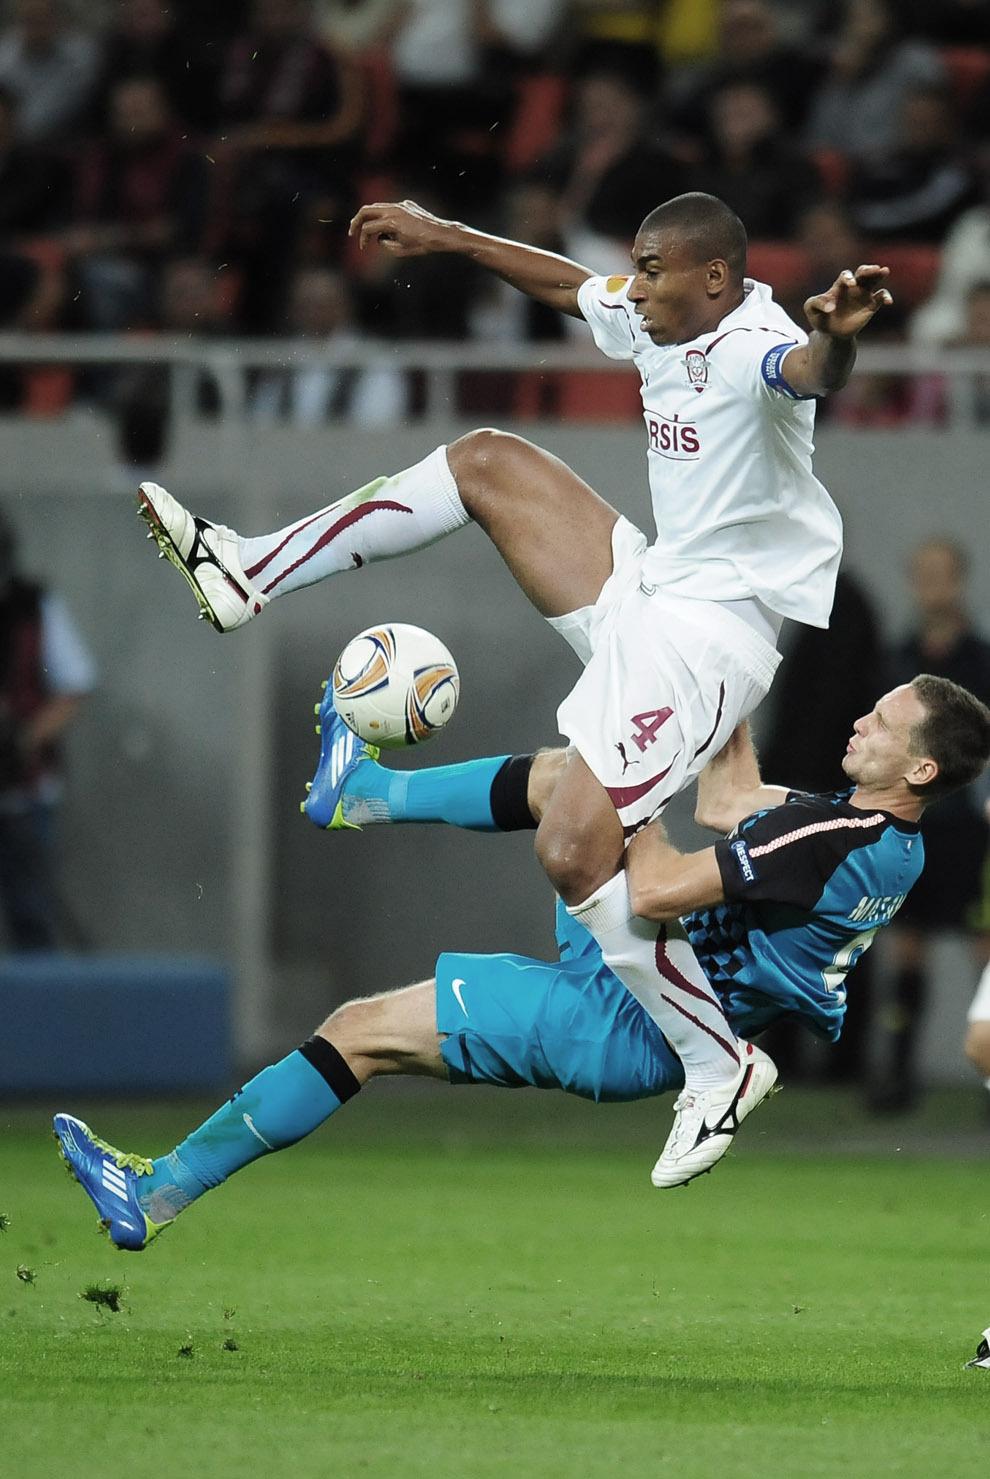 Tim Matavz (D) de la PSV Eindhoven se luptă pentru balon cu Marcos Antonio (sus) de la Rapid Bucureşti, în timpul meciului de fotbal contând pentru UEFA Europa League, desfaşurat în Bucureşti, joi, 29 septembrie 2011.